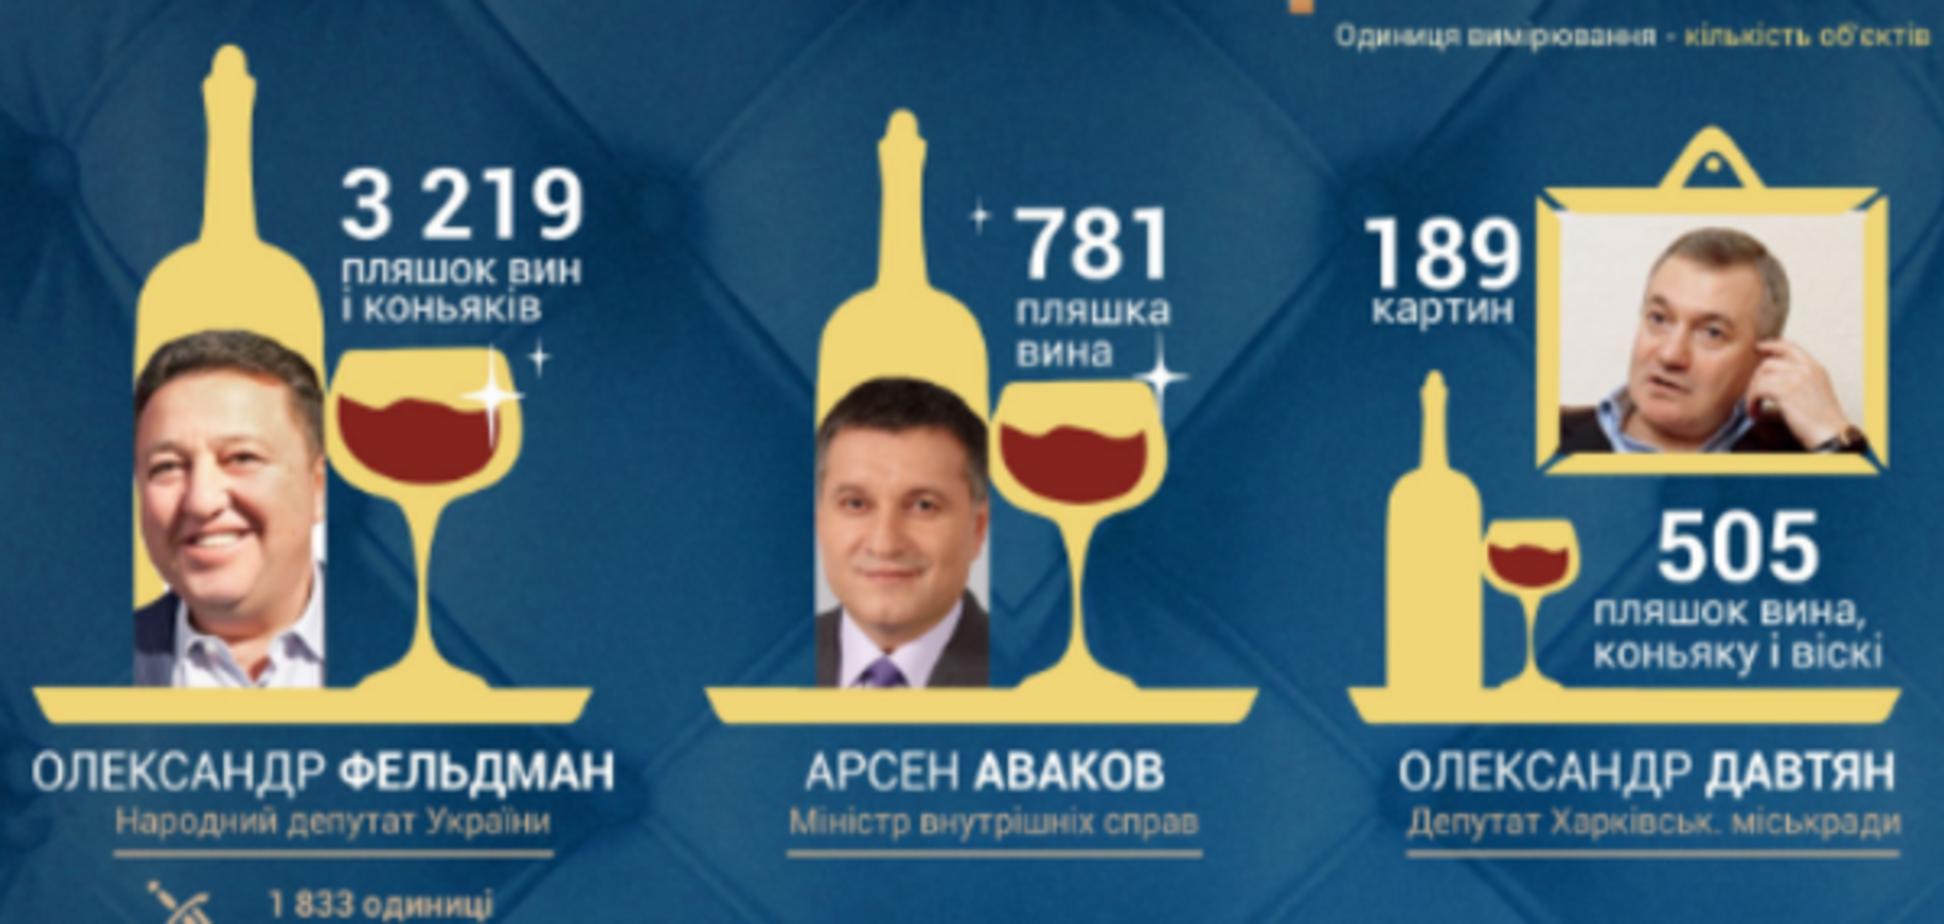 Колекції українських чиновників